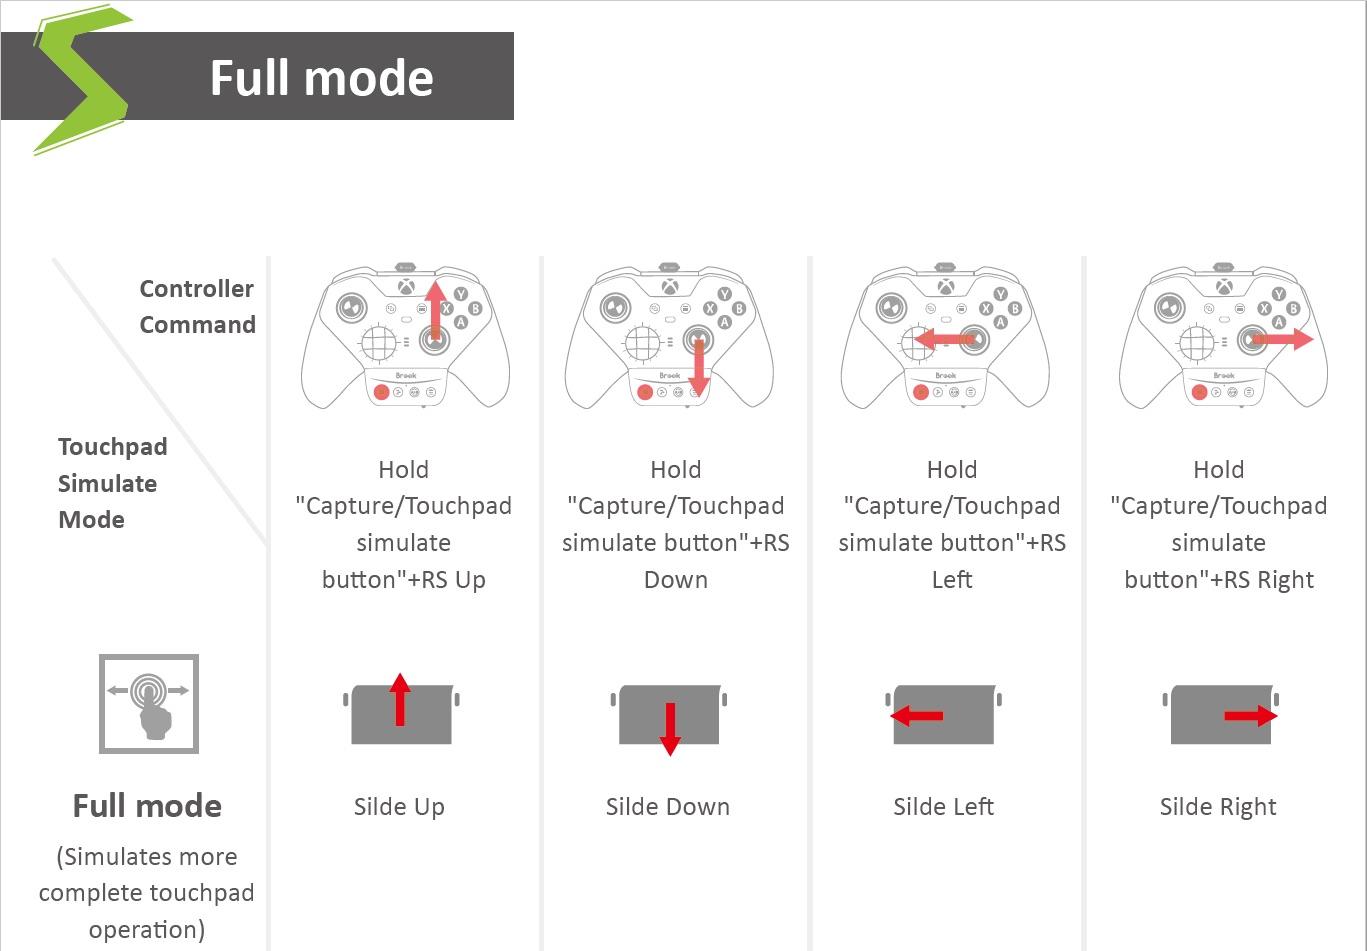 xse-full-mode.jpg